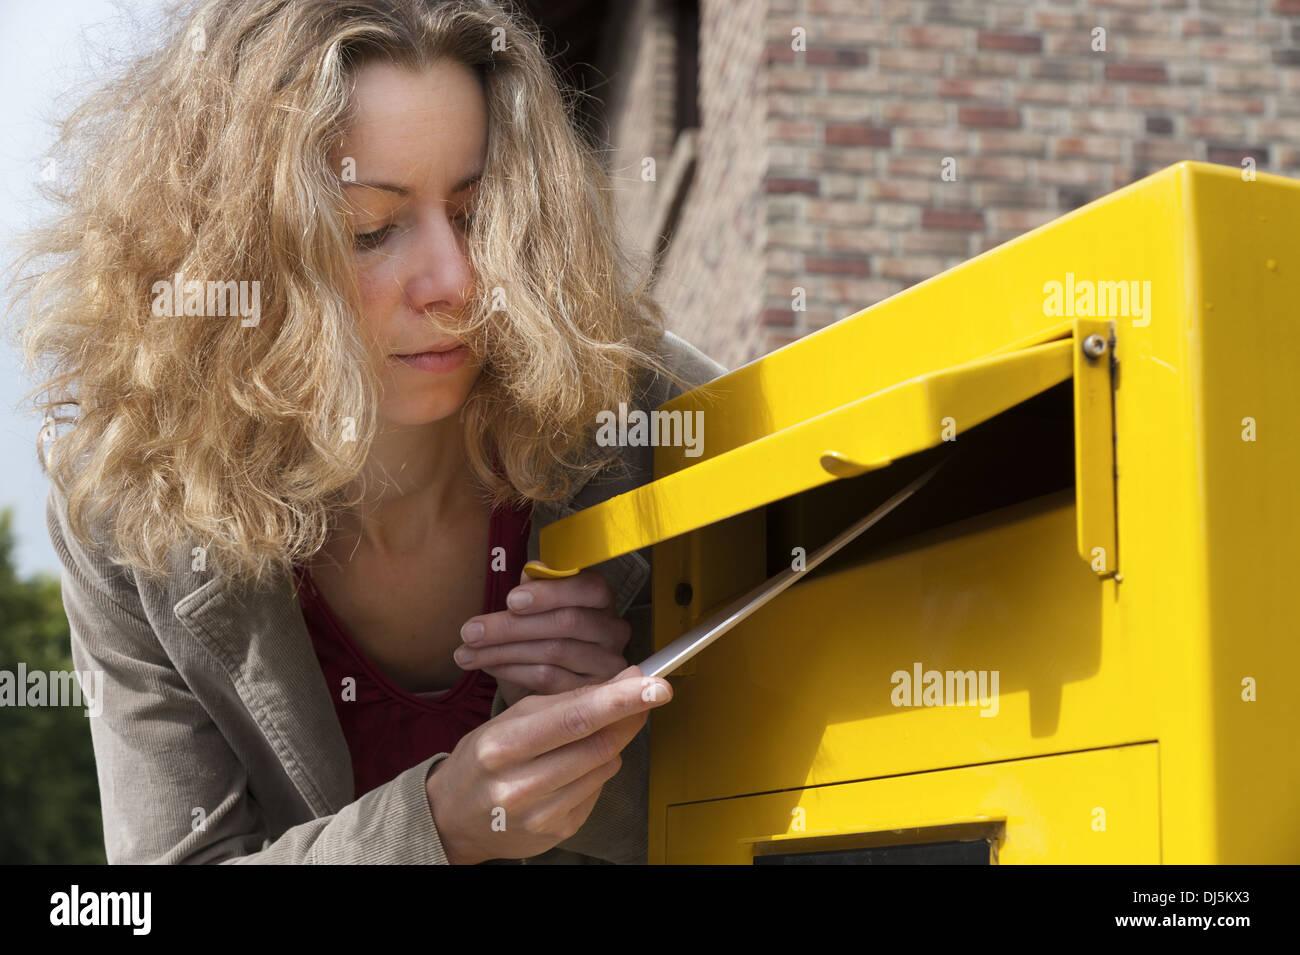 junge Frau mit einem Brief an ein Postfach Stockbild